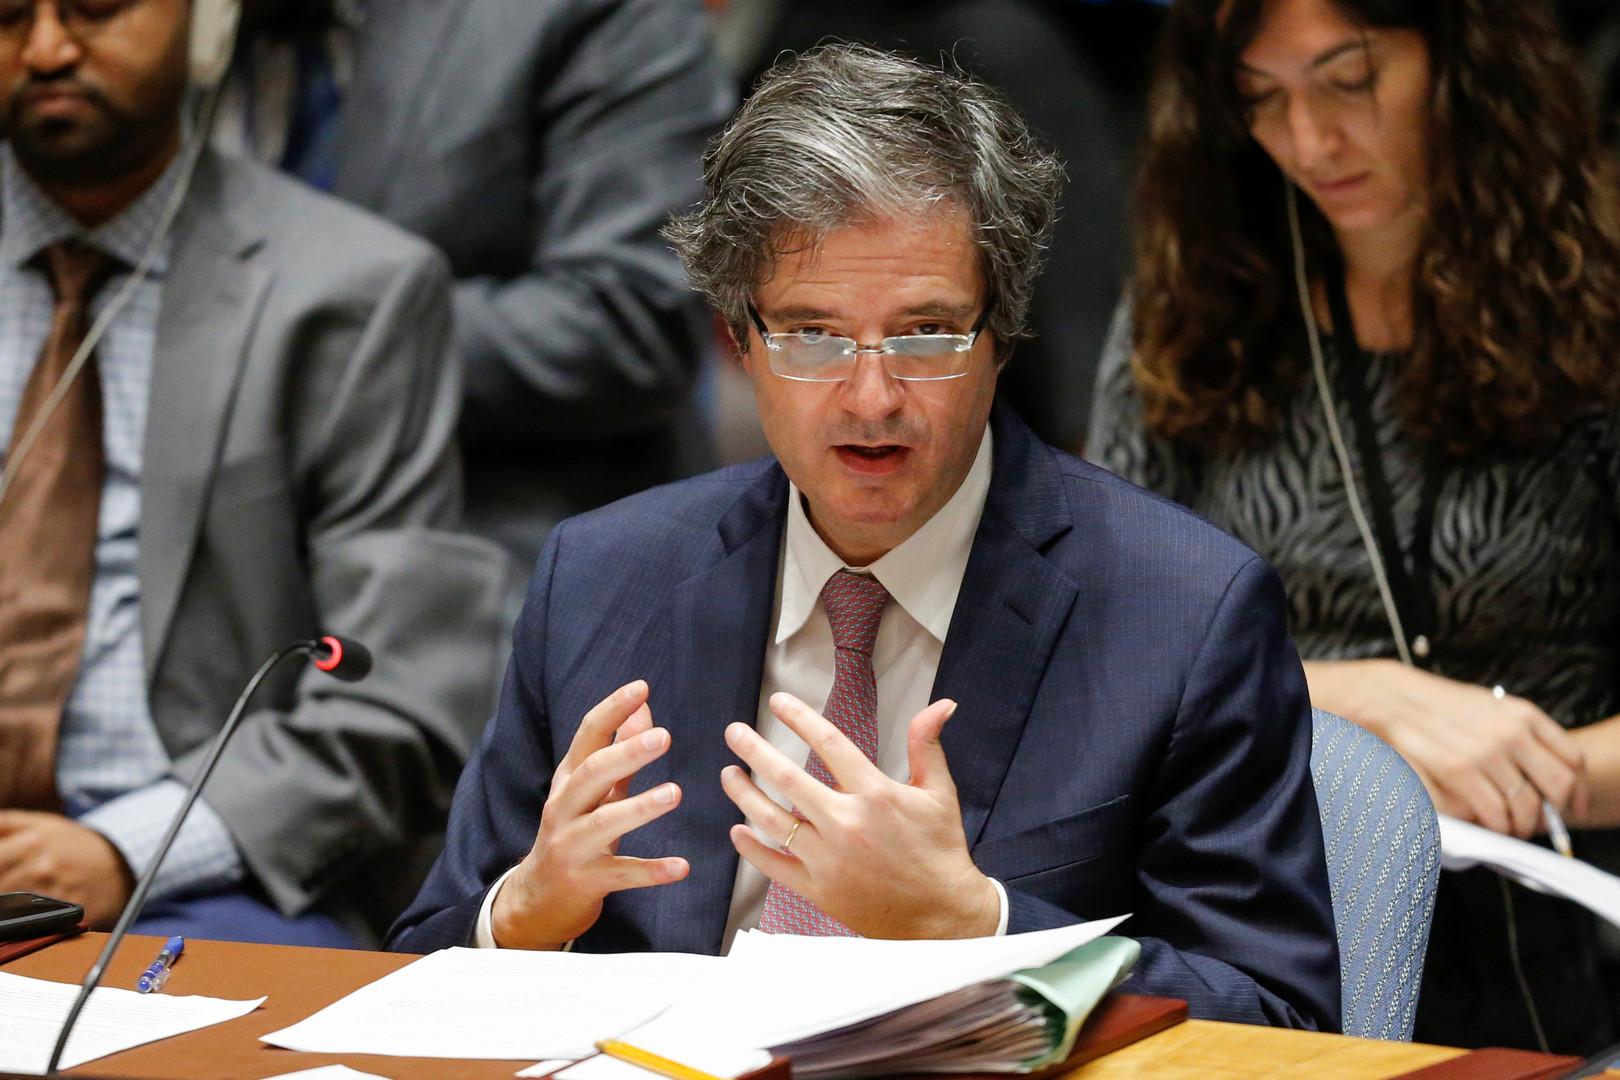 مندوب فرنسا الدائم لدى الأمم المتحدة، فرانسوا ديلاتر